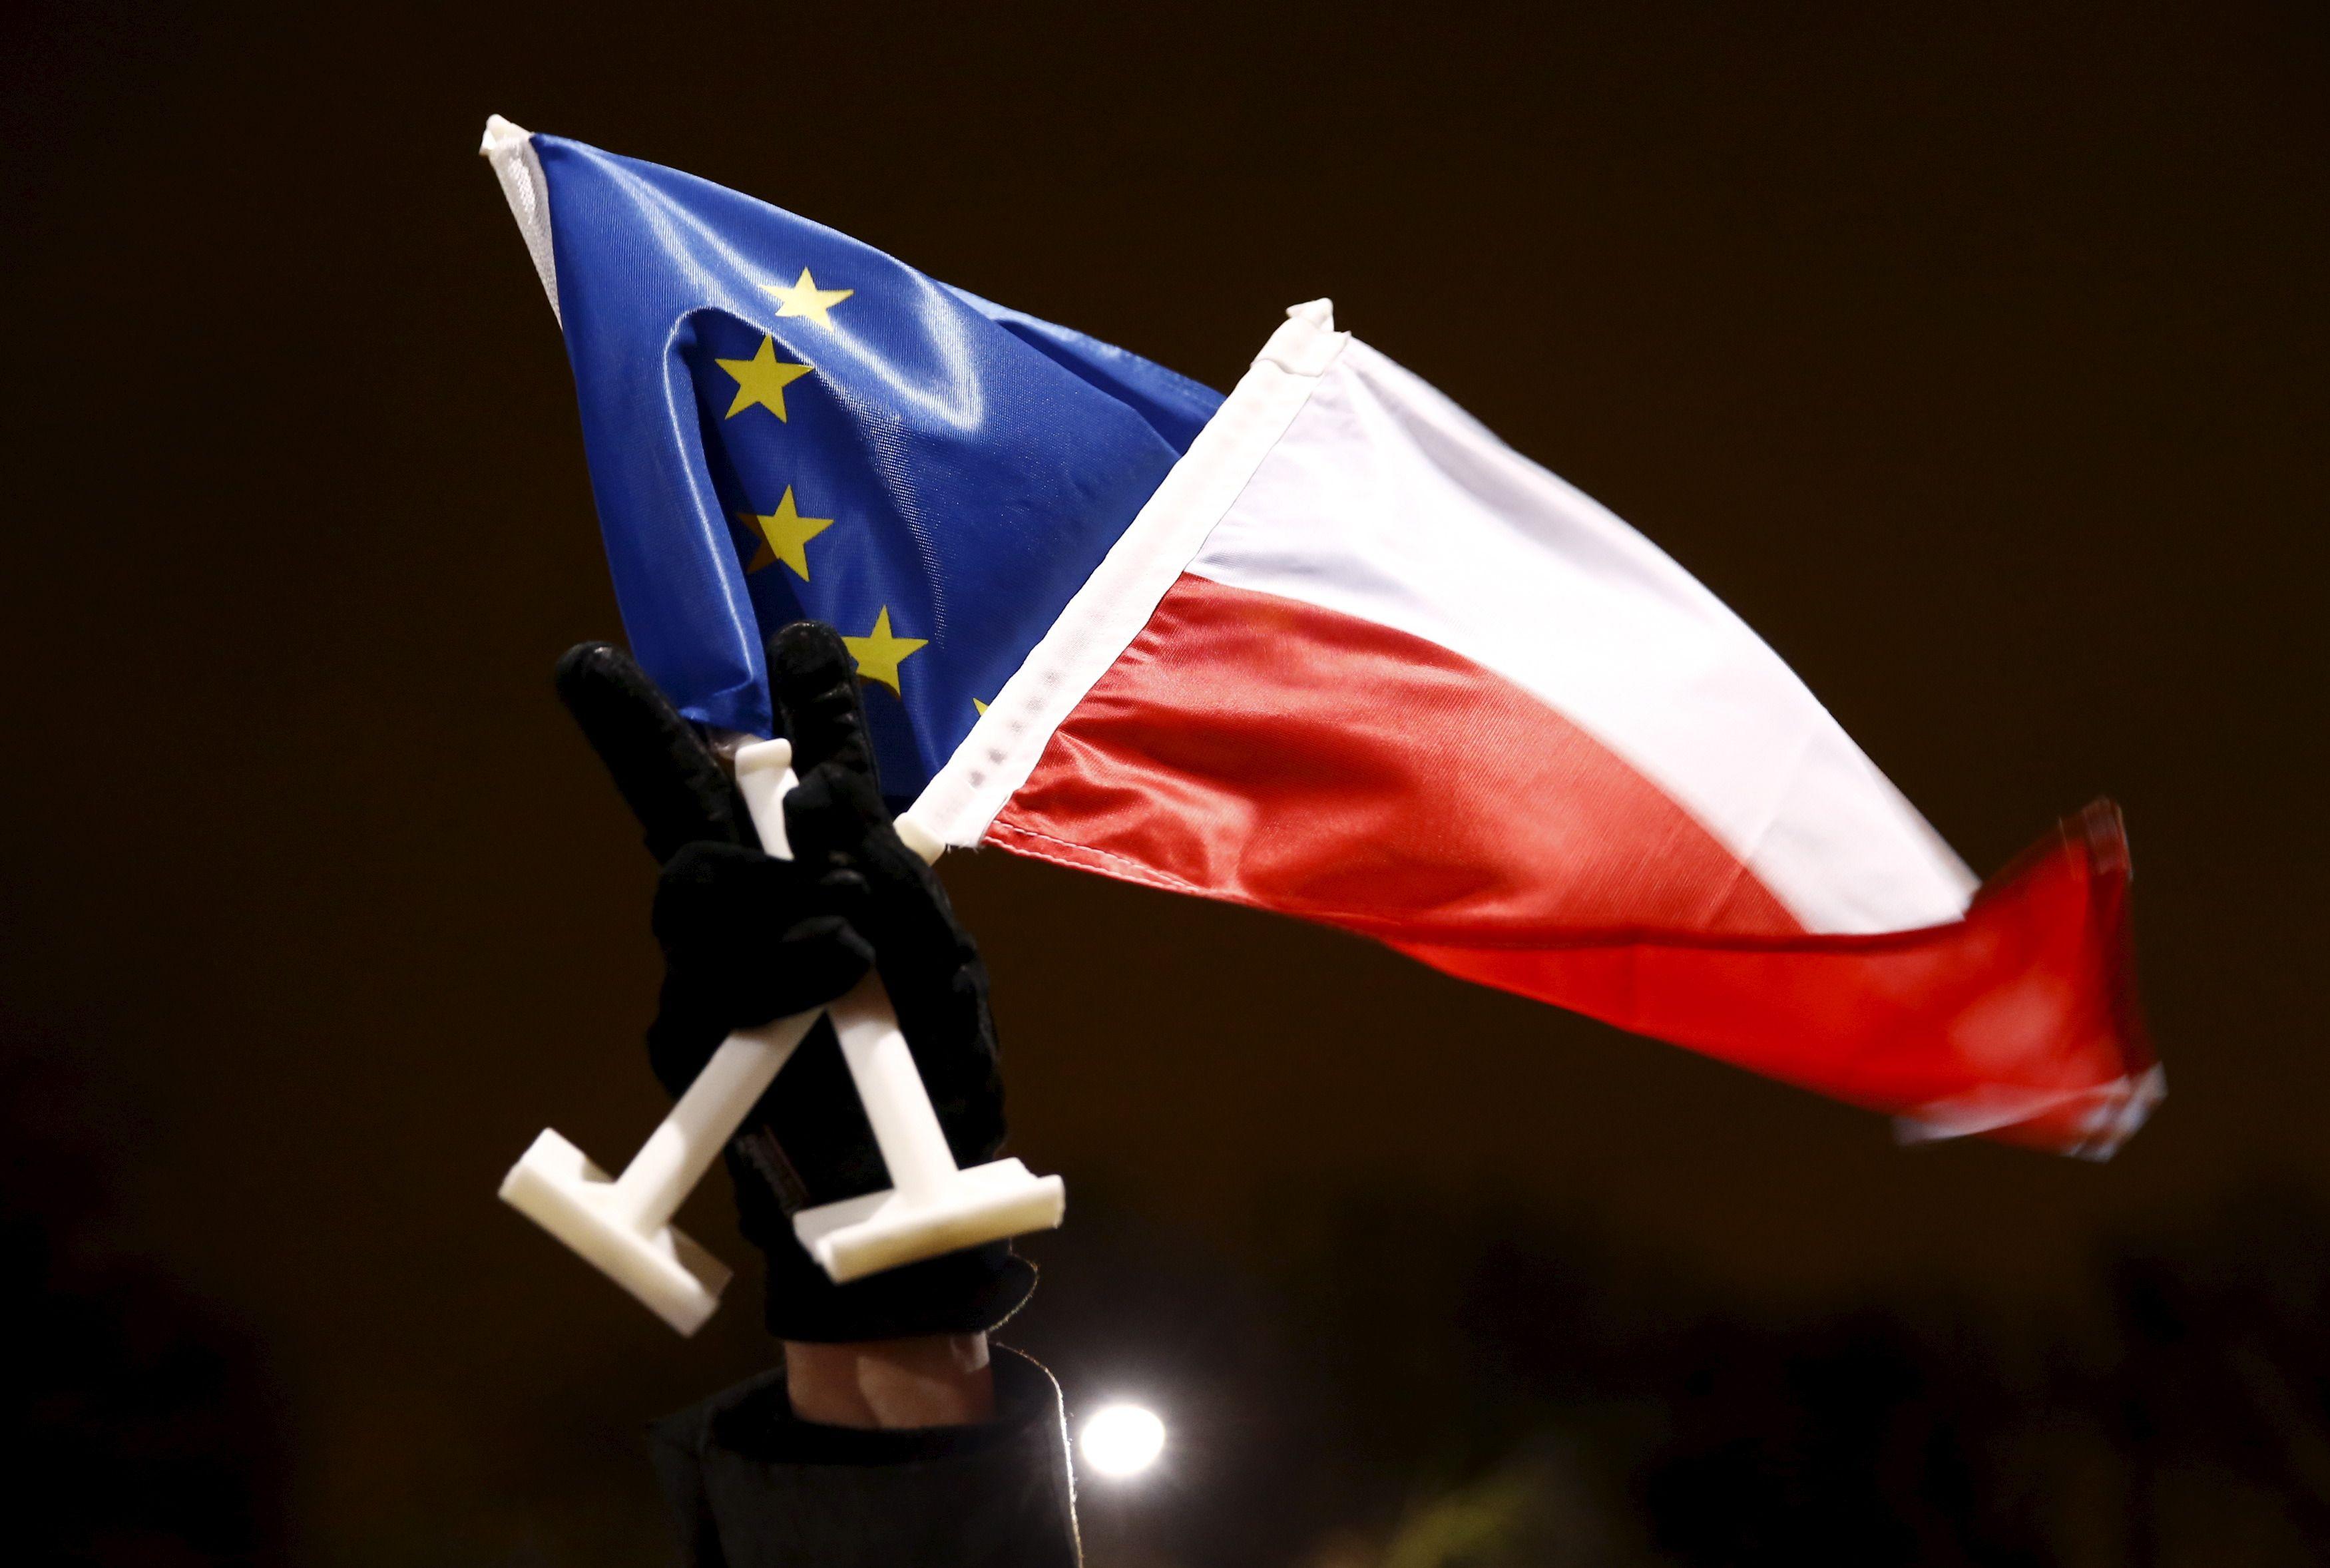 Autoritarisme, acte 2 : mais pourquoi Emmanuel Macron tente-t-il d'isoler une Pologne déjà marginalisée ?